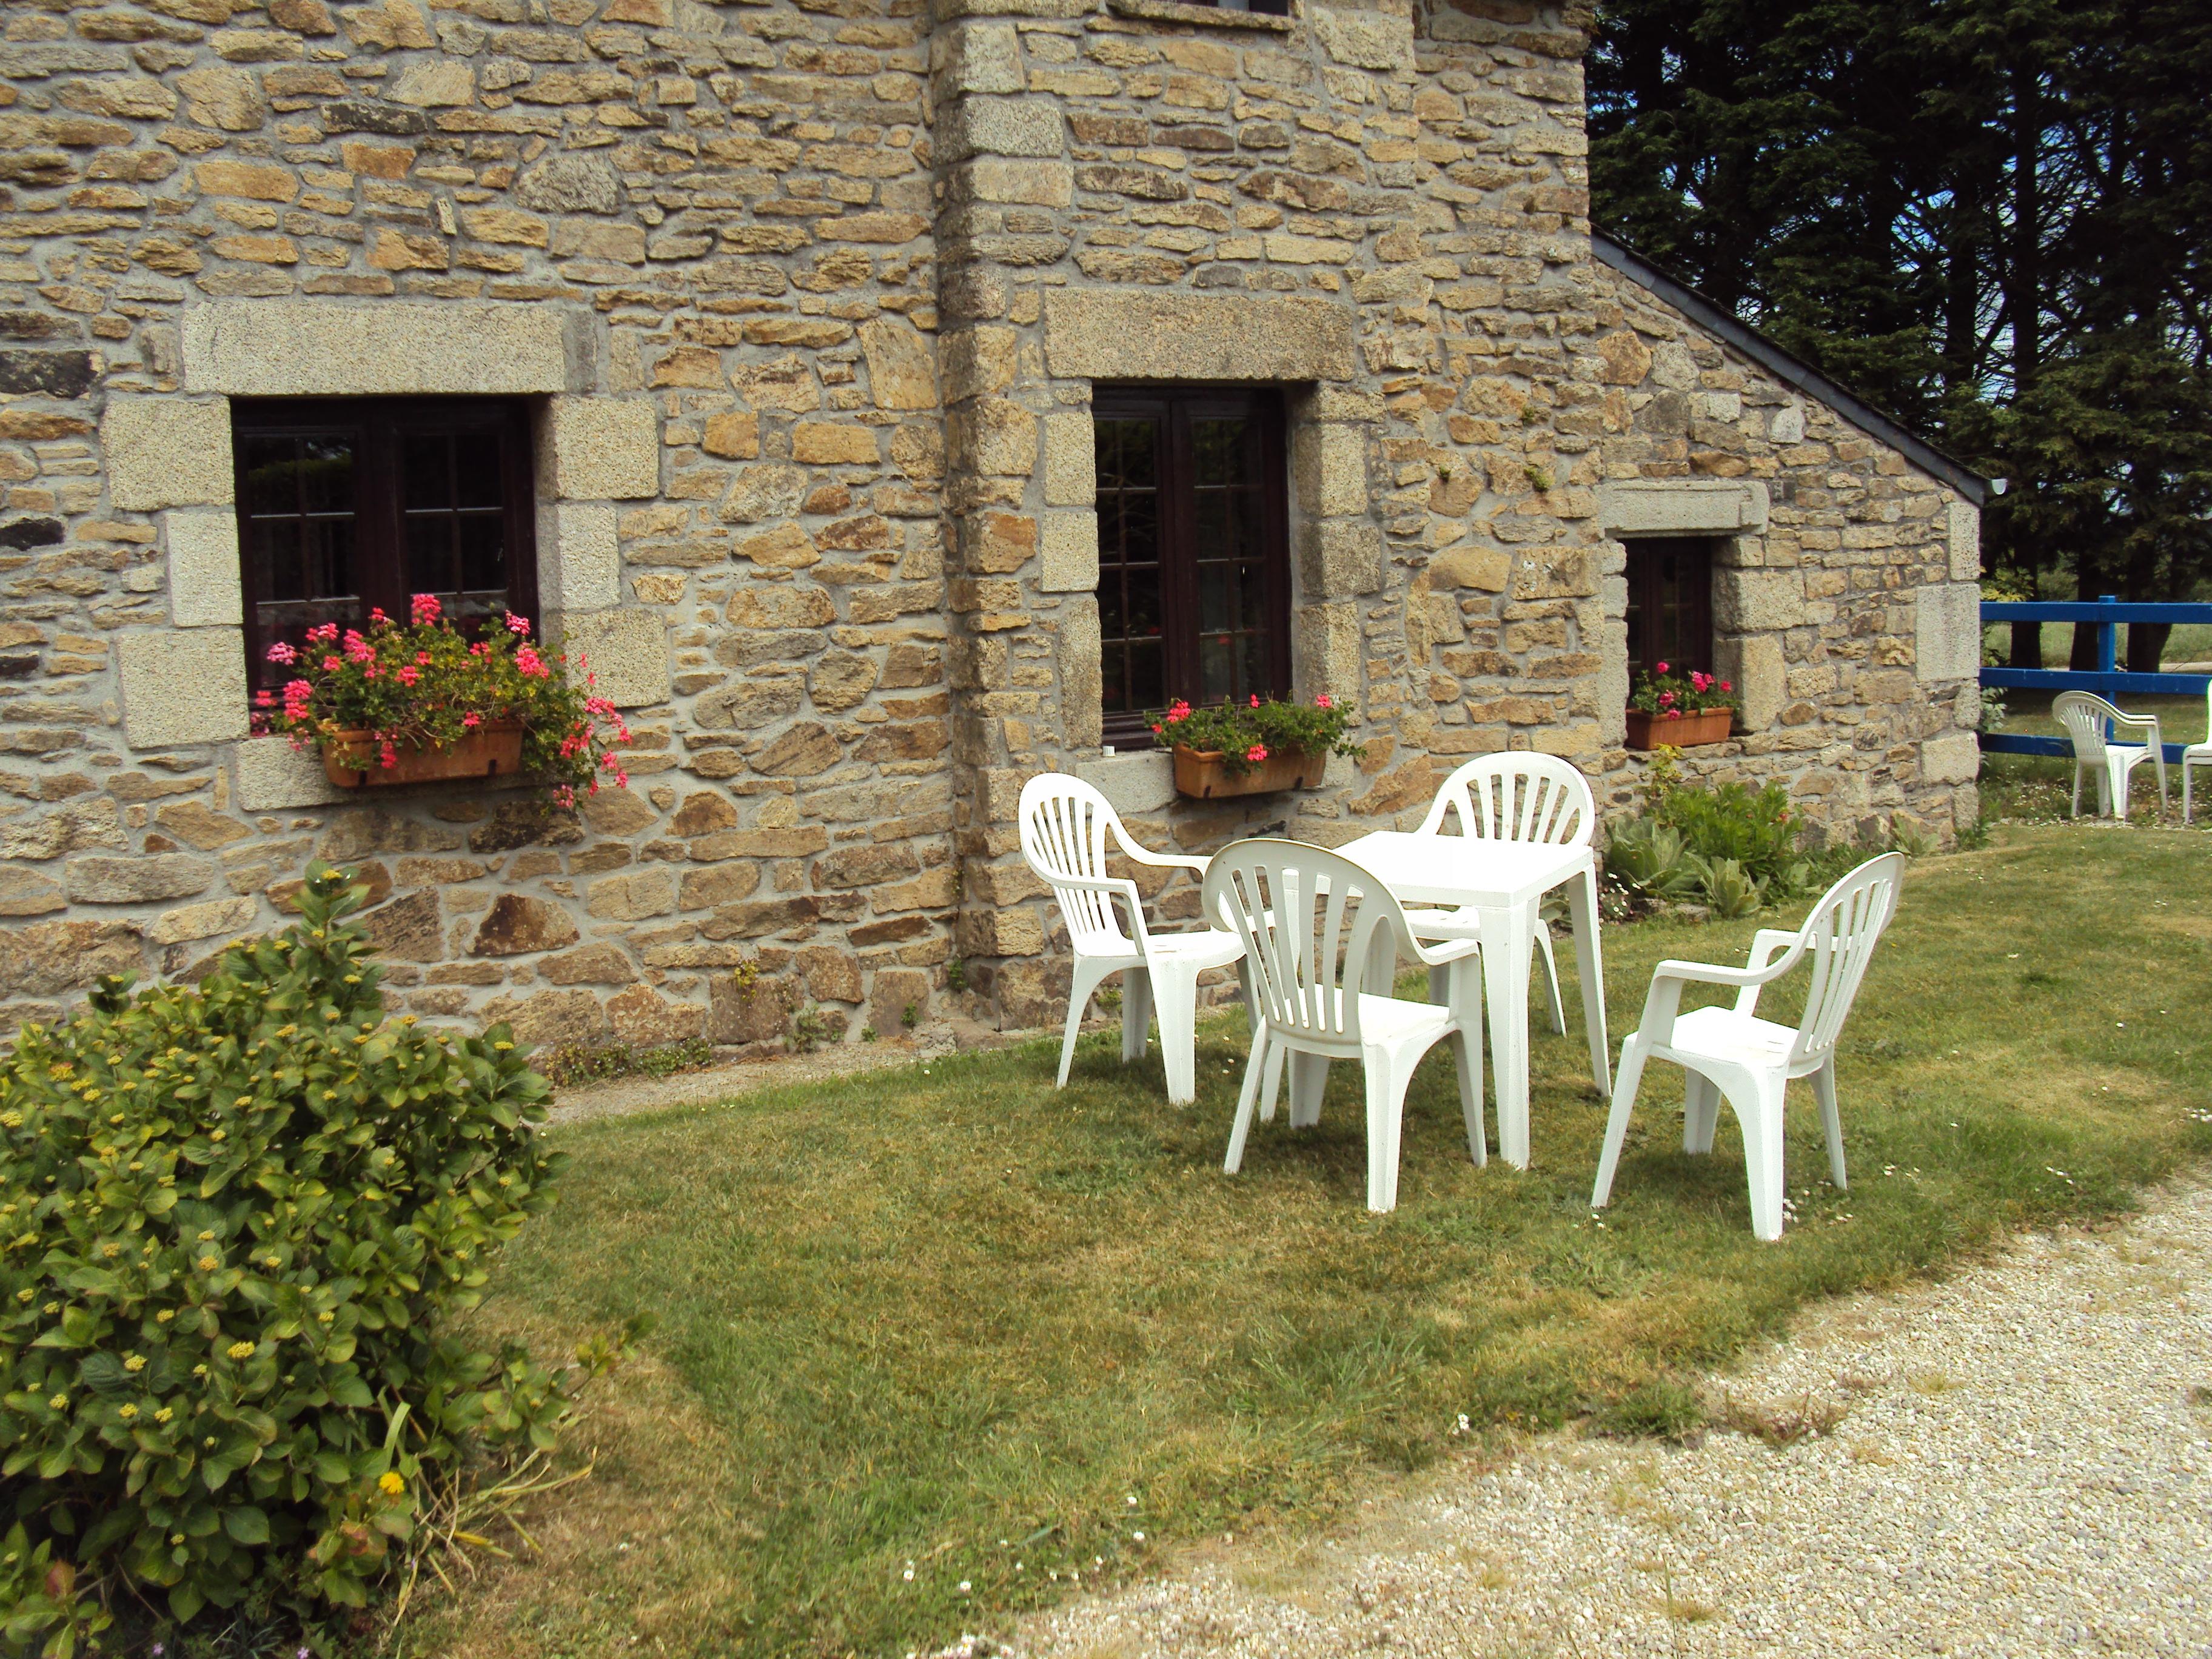 Location gite vacances Finistère, gite 29 à Tréglonou (trouzilit)